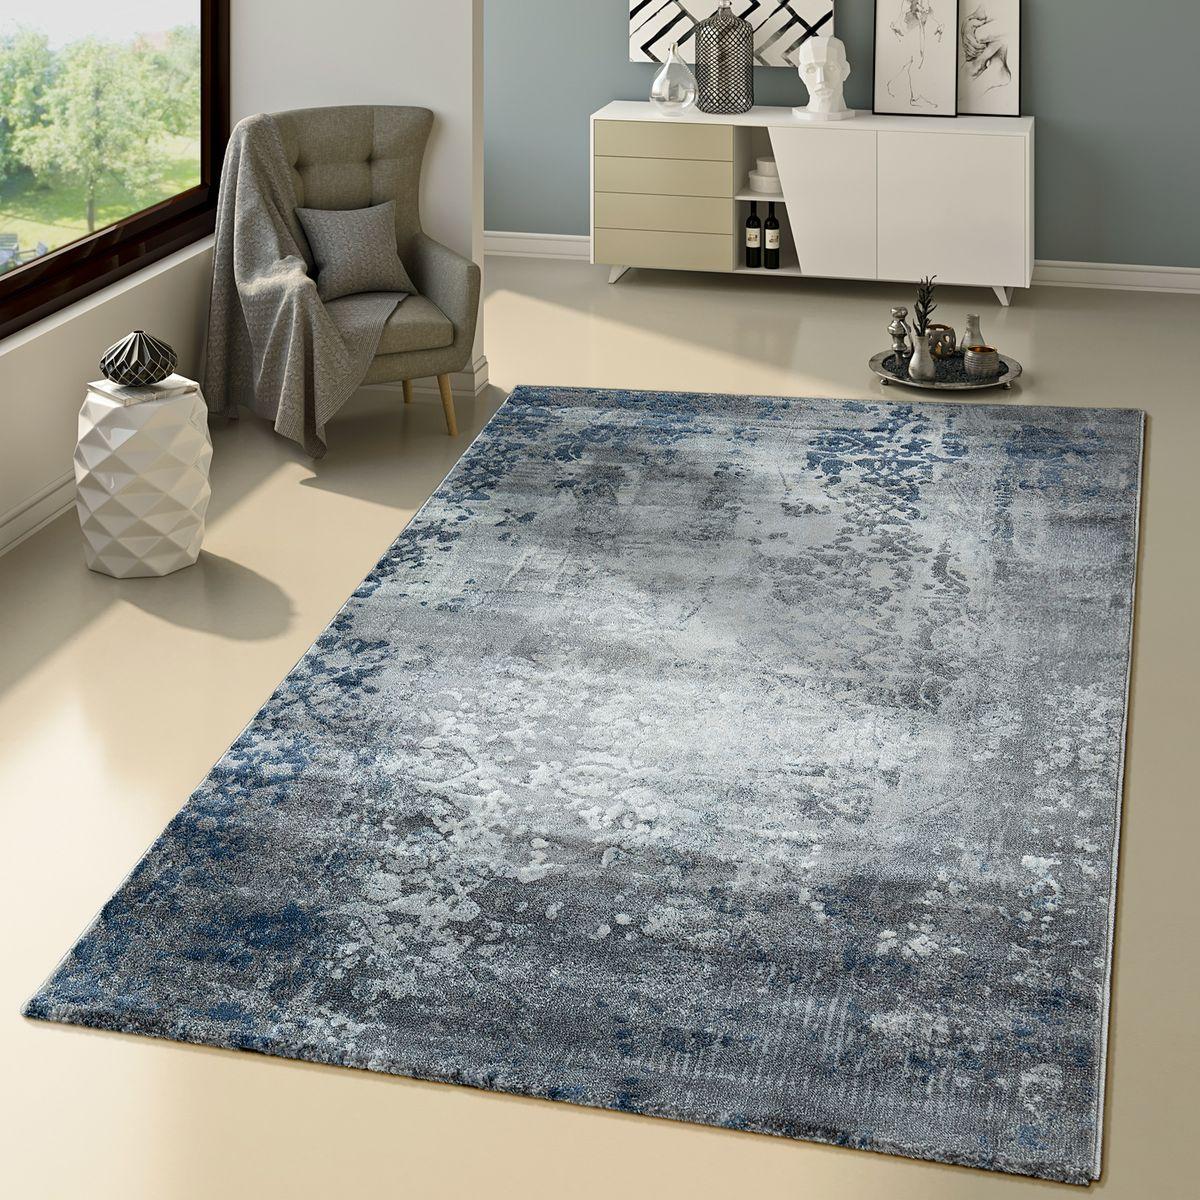 Full Size of Teppich Modern Orient Muster Jeans Blau Teppichmax Wohnzimmer Tapete Moderne Deckenleuchte Deckenlampen Für Modernes Bett Küche Stehlampen Wandtattoo Kamin Wohnzimmer Teppich Wohnzimmer Modern